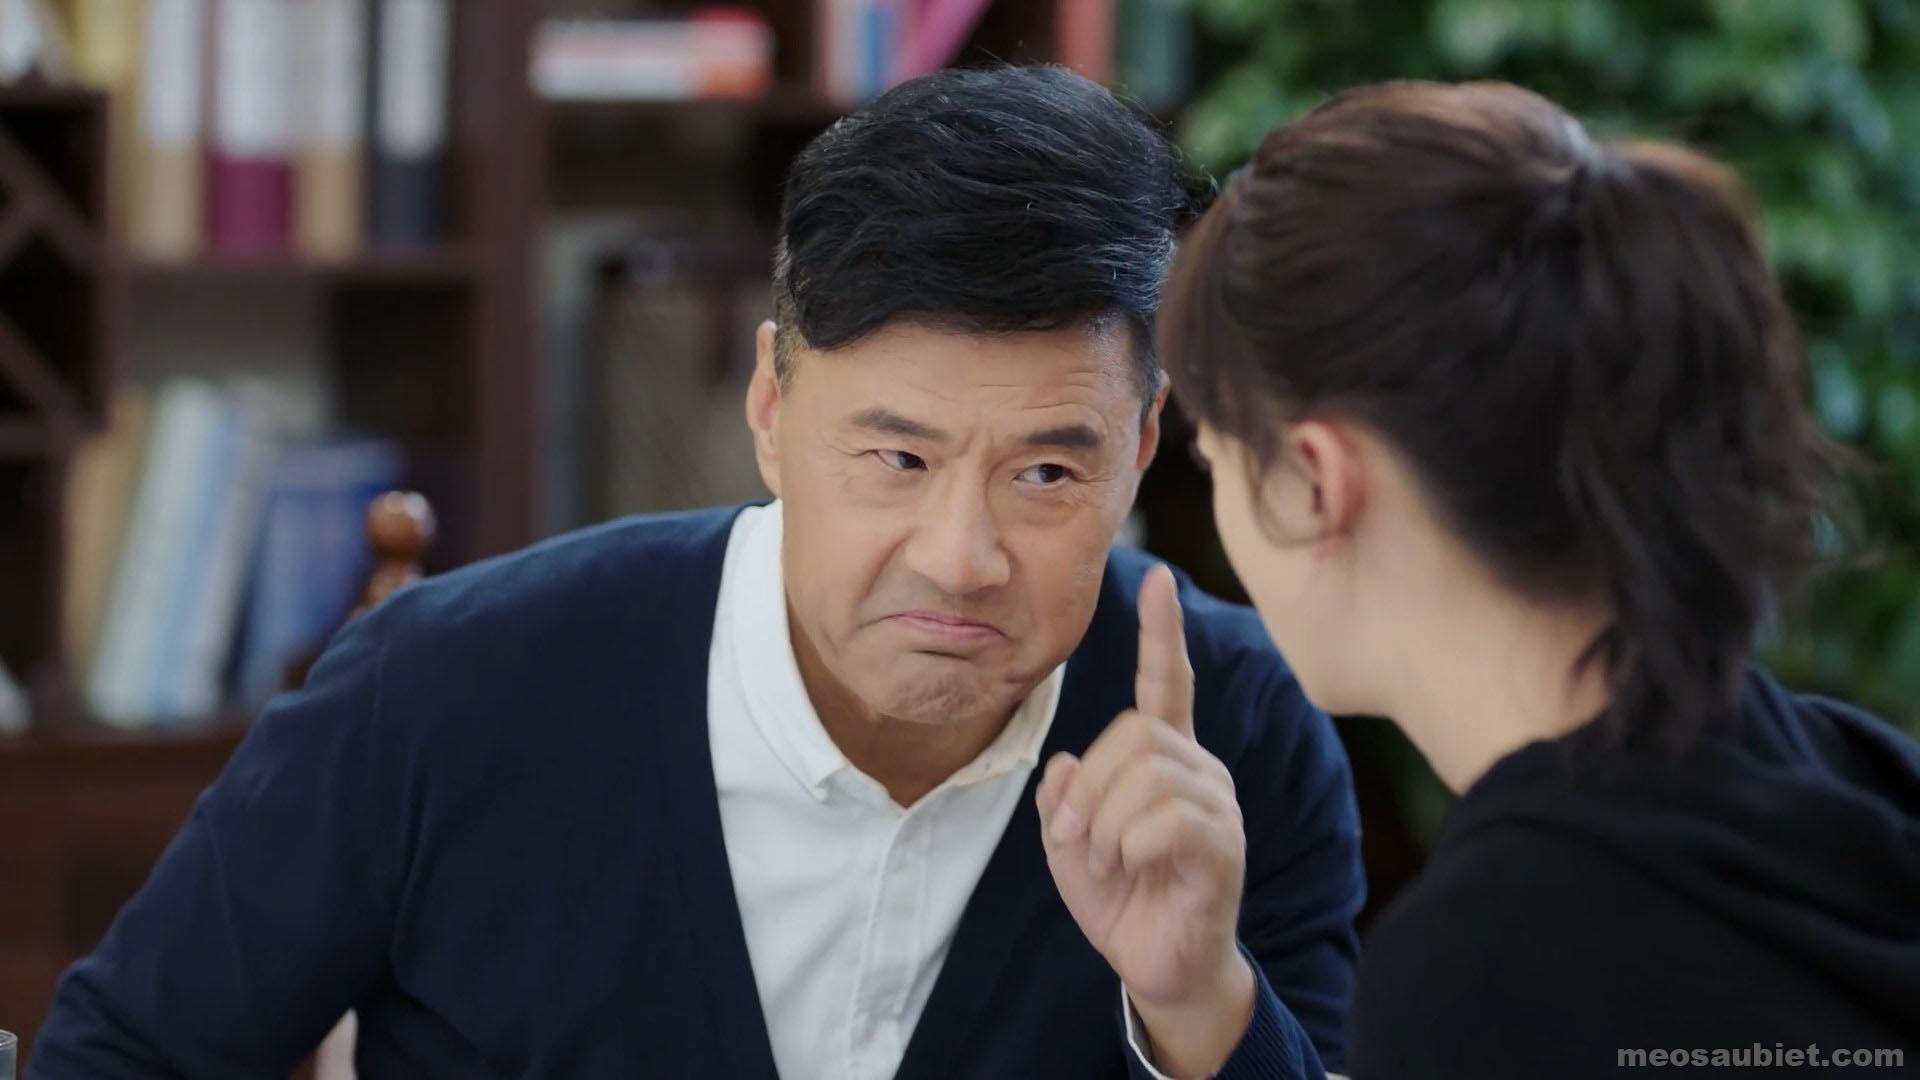 Hạnh phúc sẽ còn đến gõ cửa 2020 Vu Vinh Quang trong vai Phương Minh Đạt